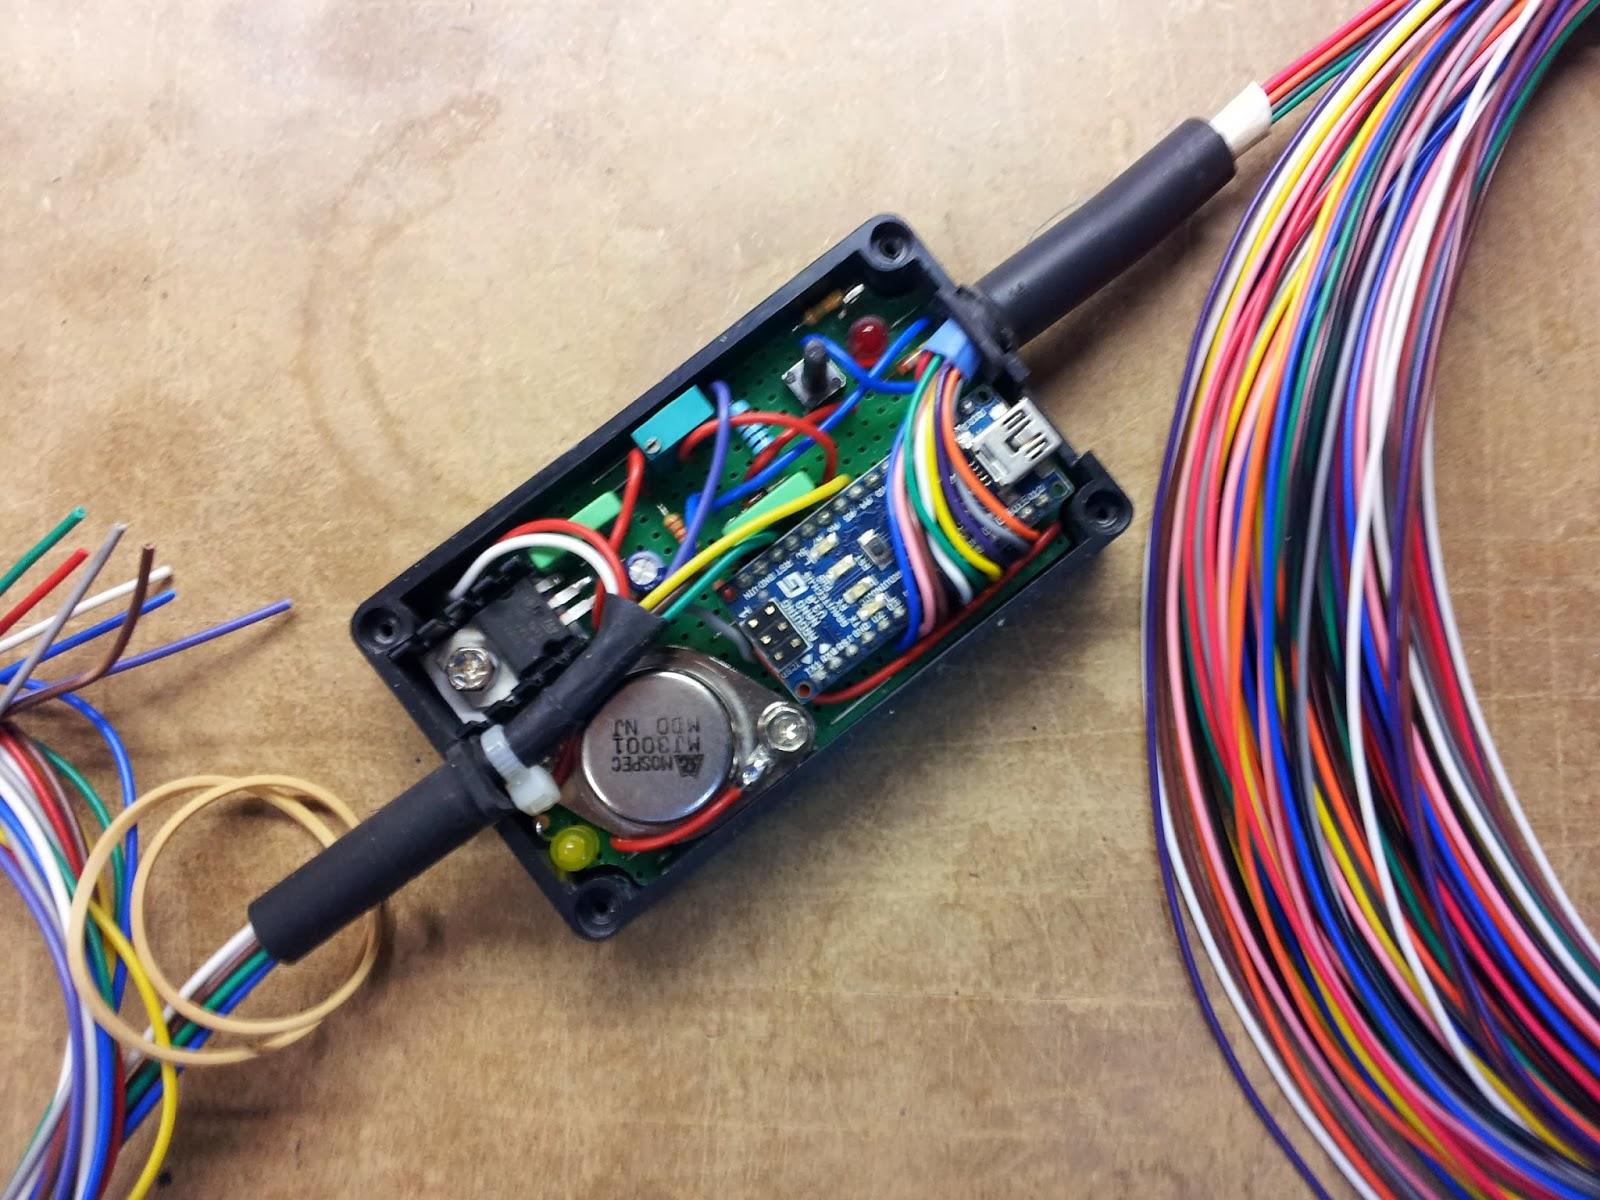 gsx 1400 indicateur de rapport engag moto et graissage de cha ne automatique moto arduino nano. Black Bedroom Furniture Sets. Home Design Ideas